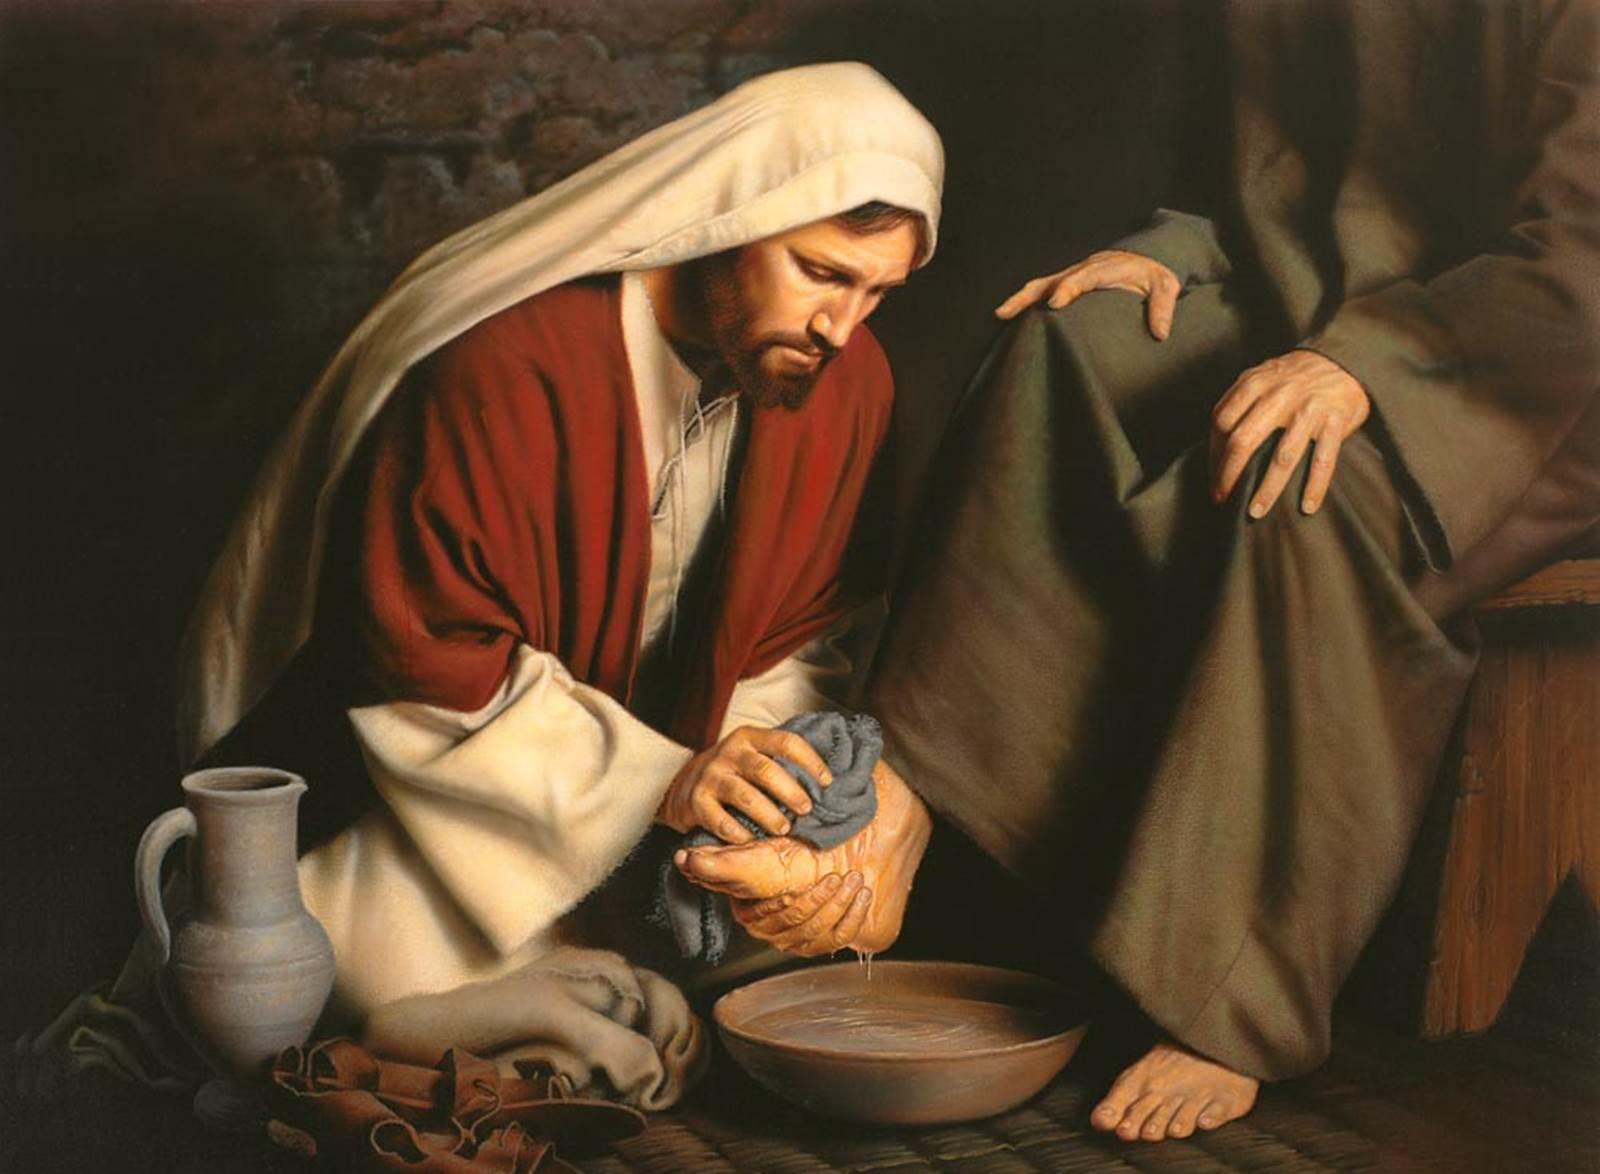 Phải rửa chân cho nhau (09.4.2020 – Thứ Năm Tuần Thánh, Thánh lễ Tiệc ly)